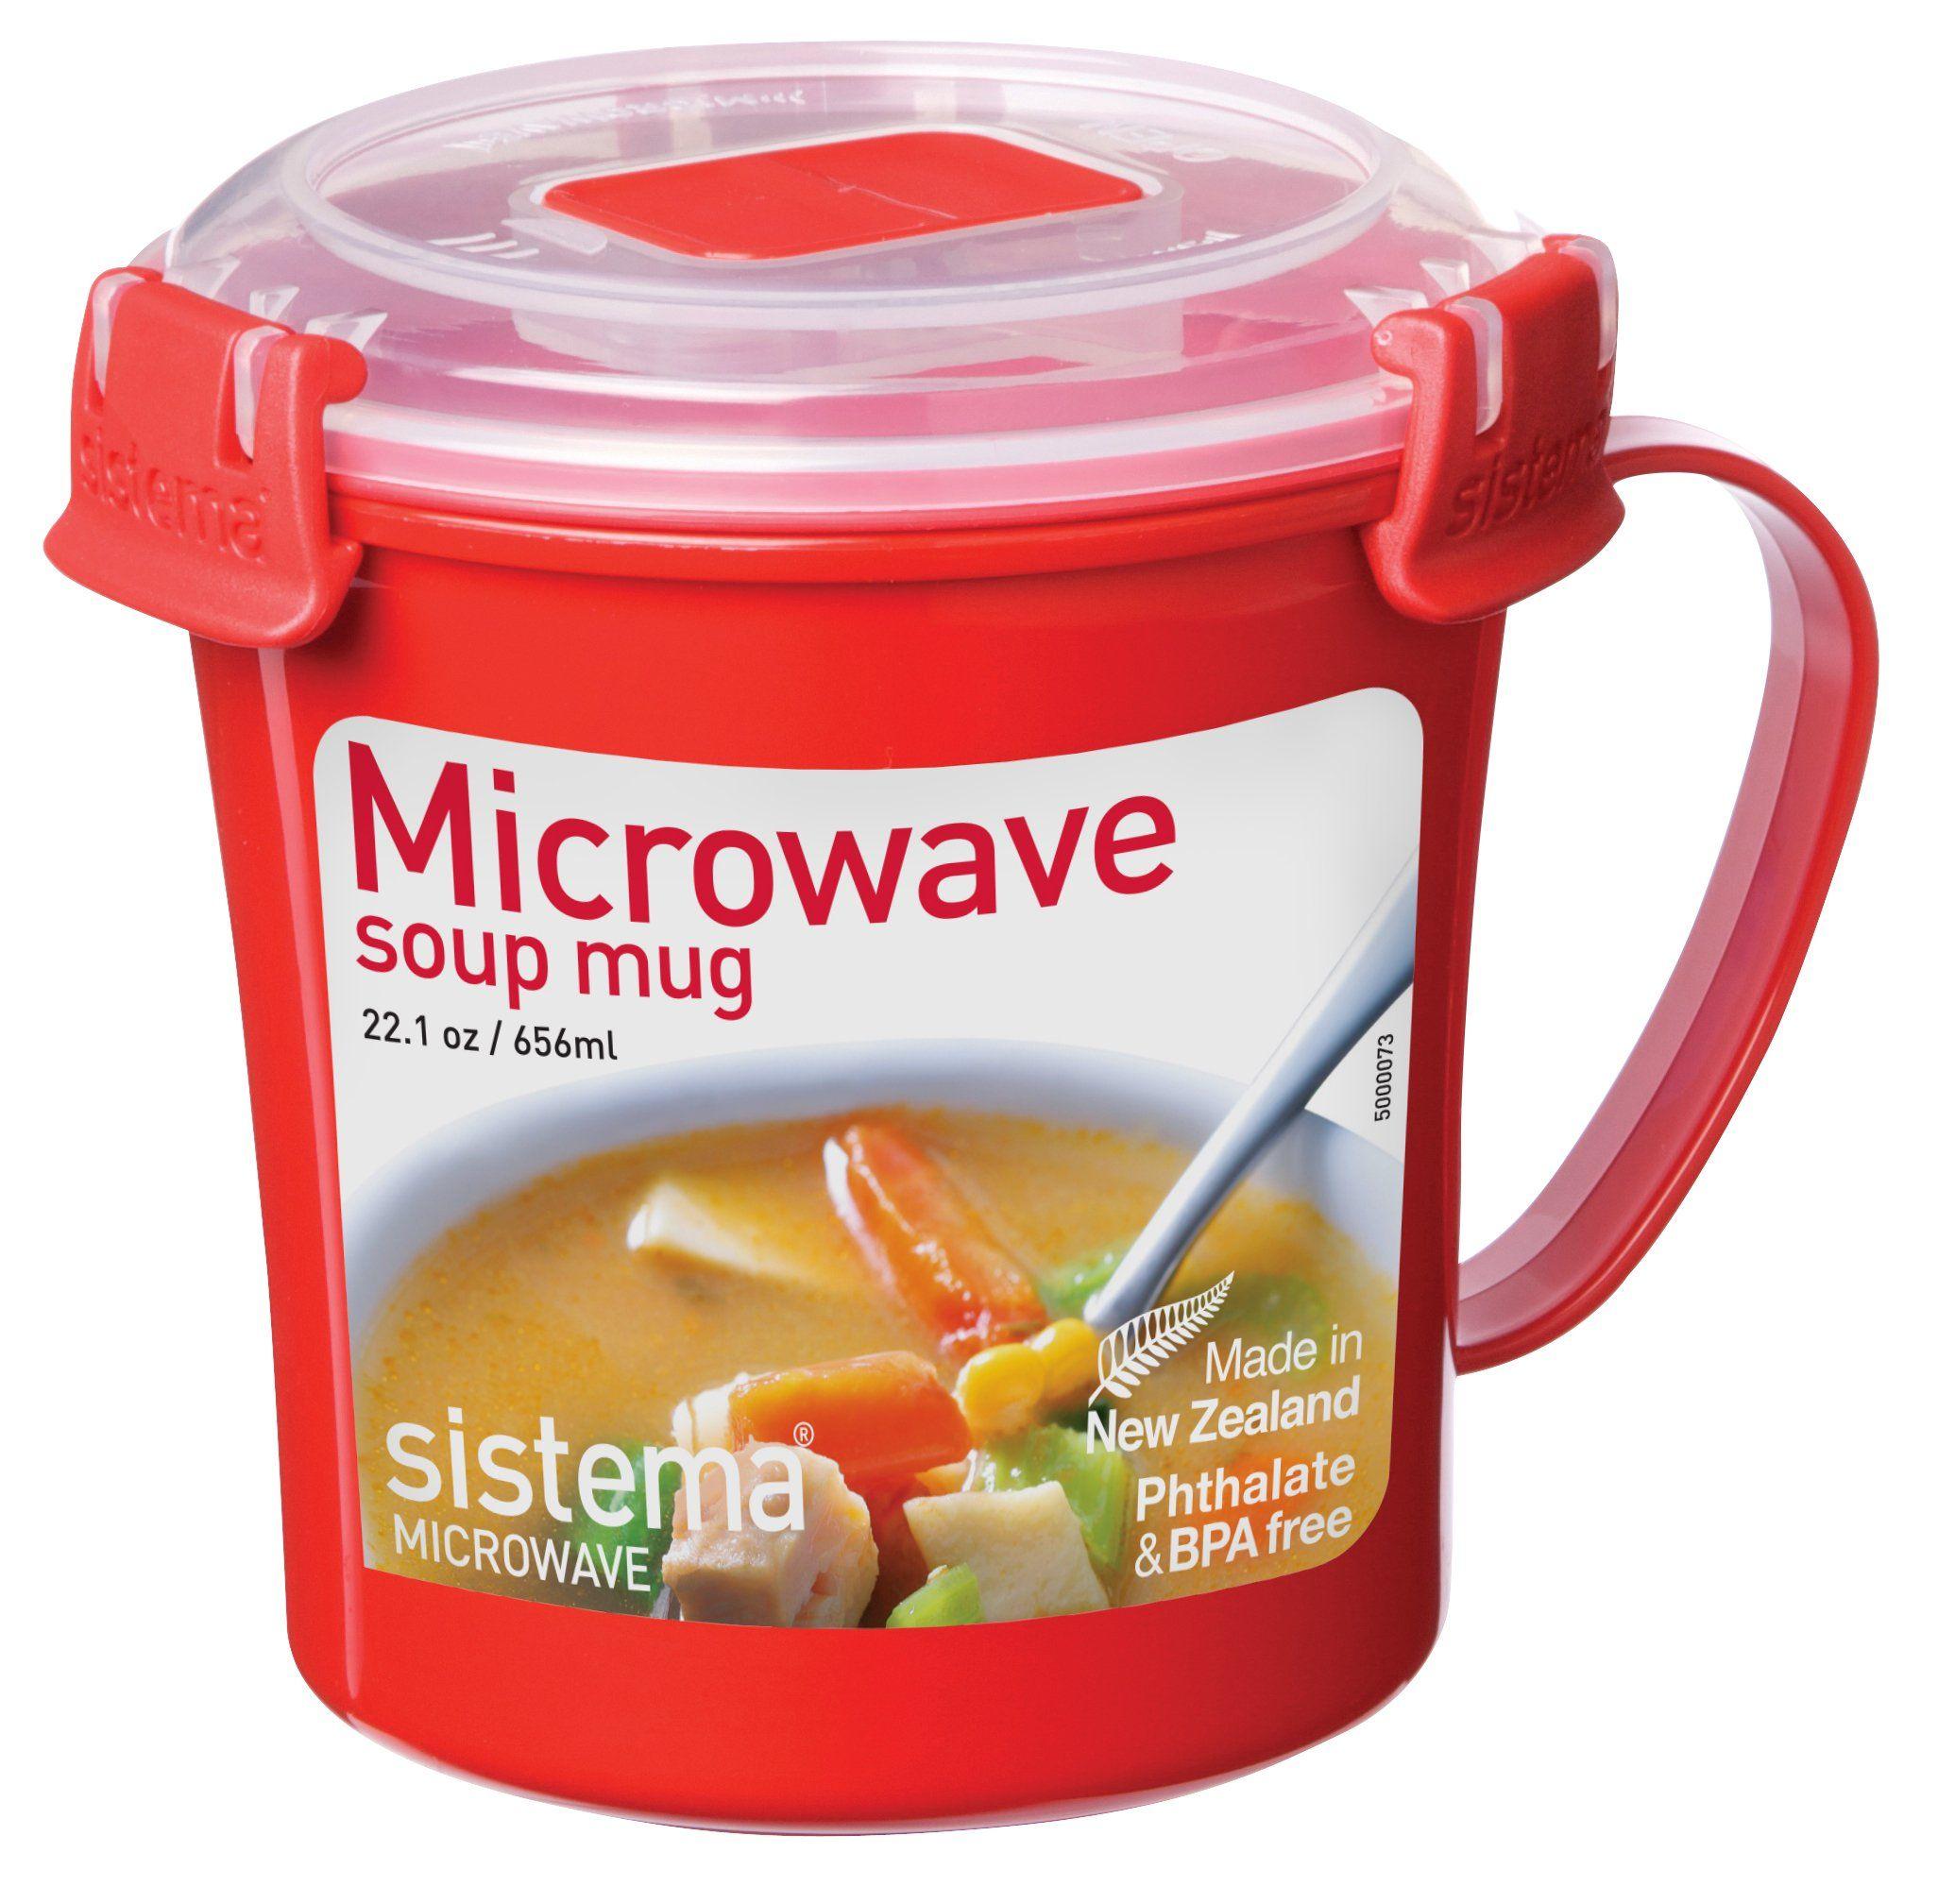 Sistema Microwave Soup Mug 22.1 oz / 656ml Made from